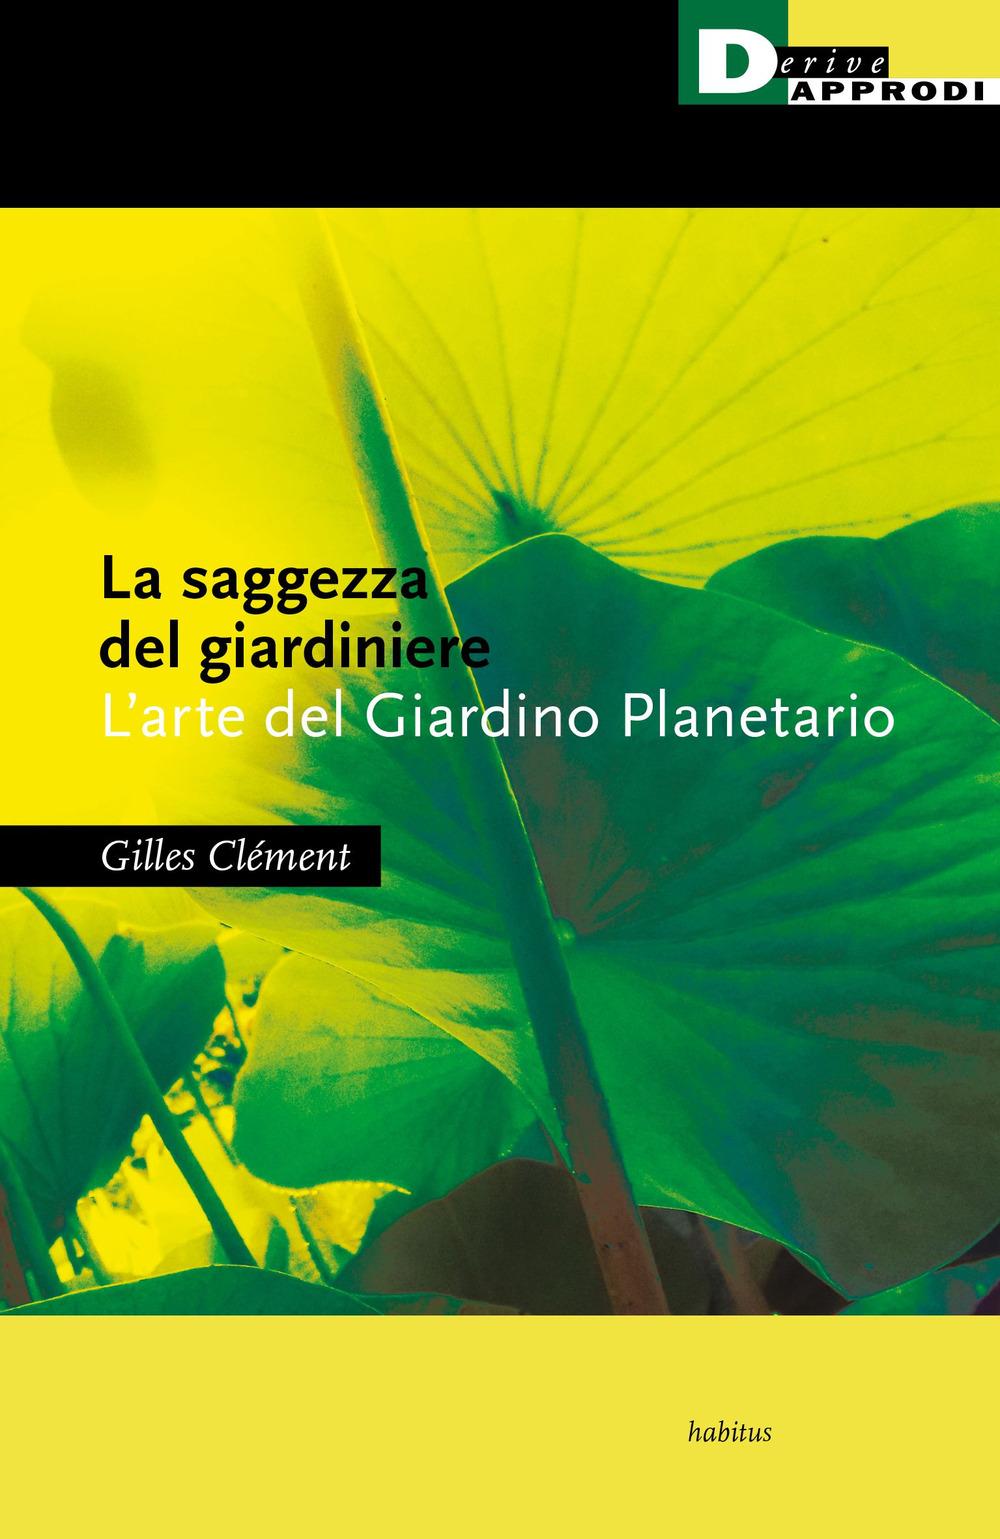 SAGGEZZA DEL GIARDINIERE. L'ARTE DEL GIARDINO PLANETARIO (LA) - Clément Gilles - 9788865483435